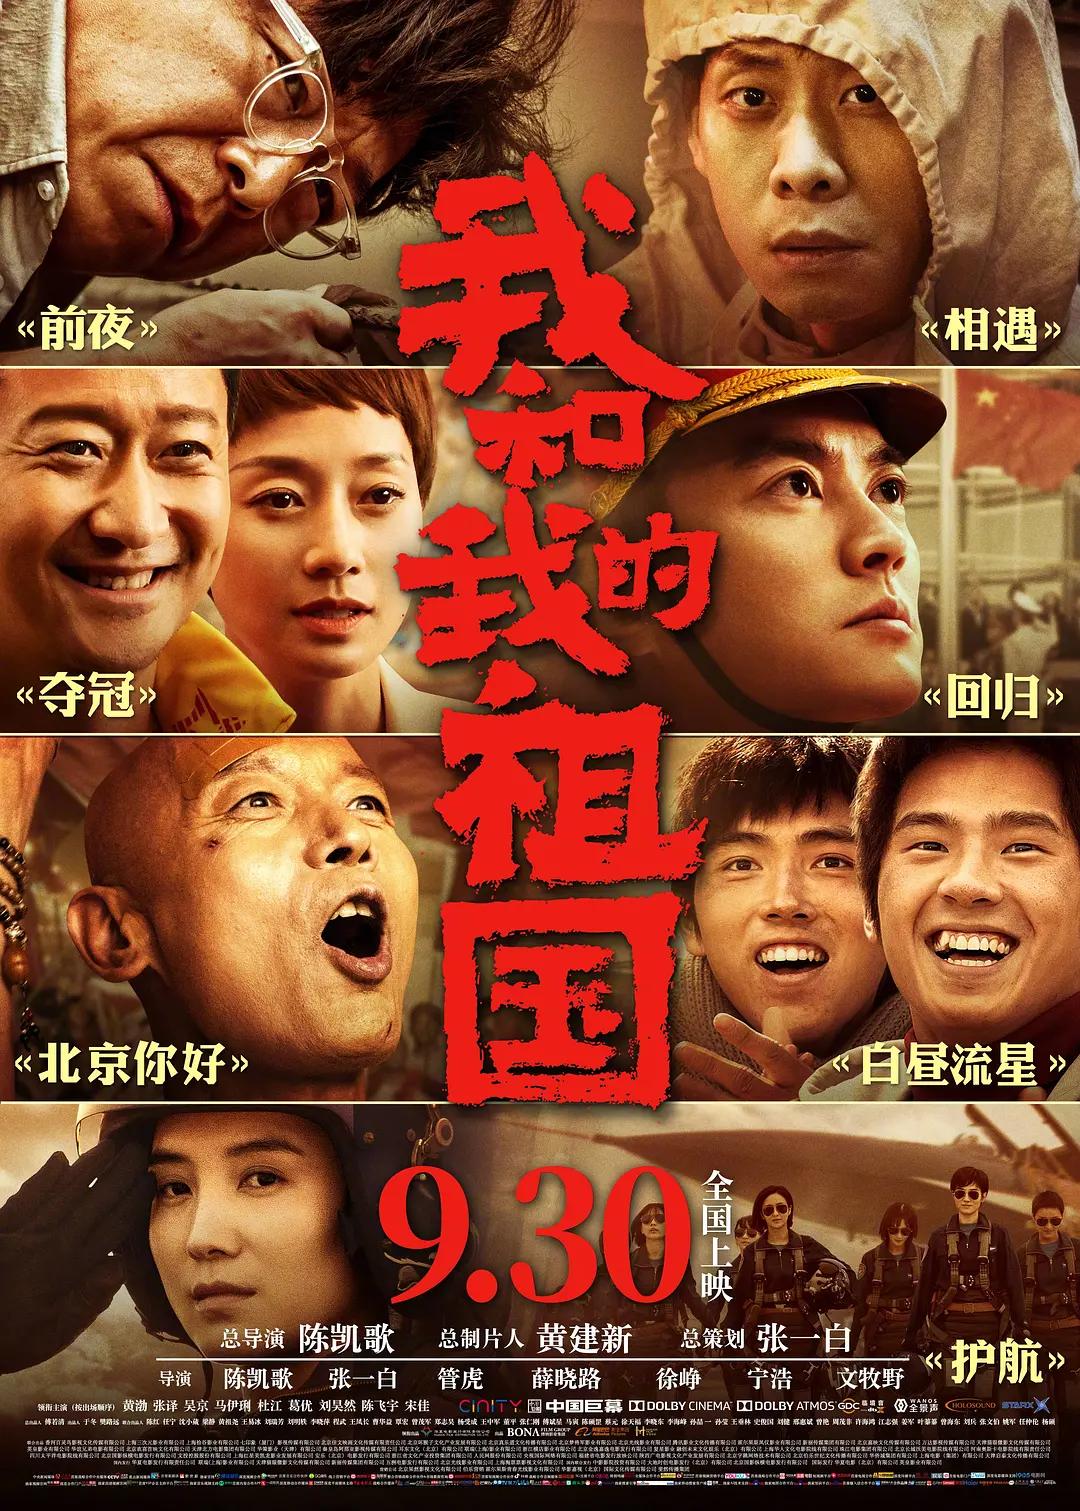 国庆档电影《攀登者》被反超,《我和我的祖国》胜局的照片 - 7